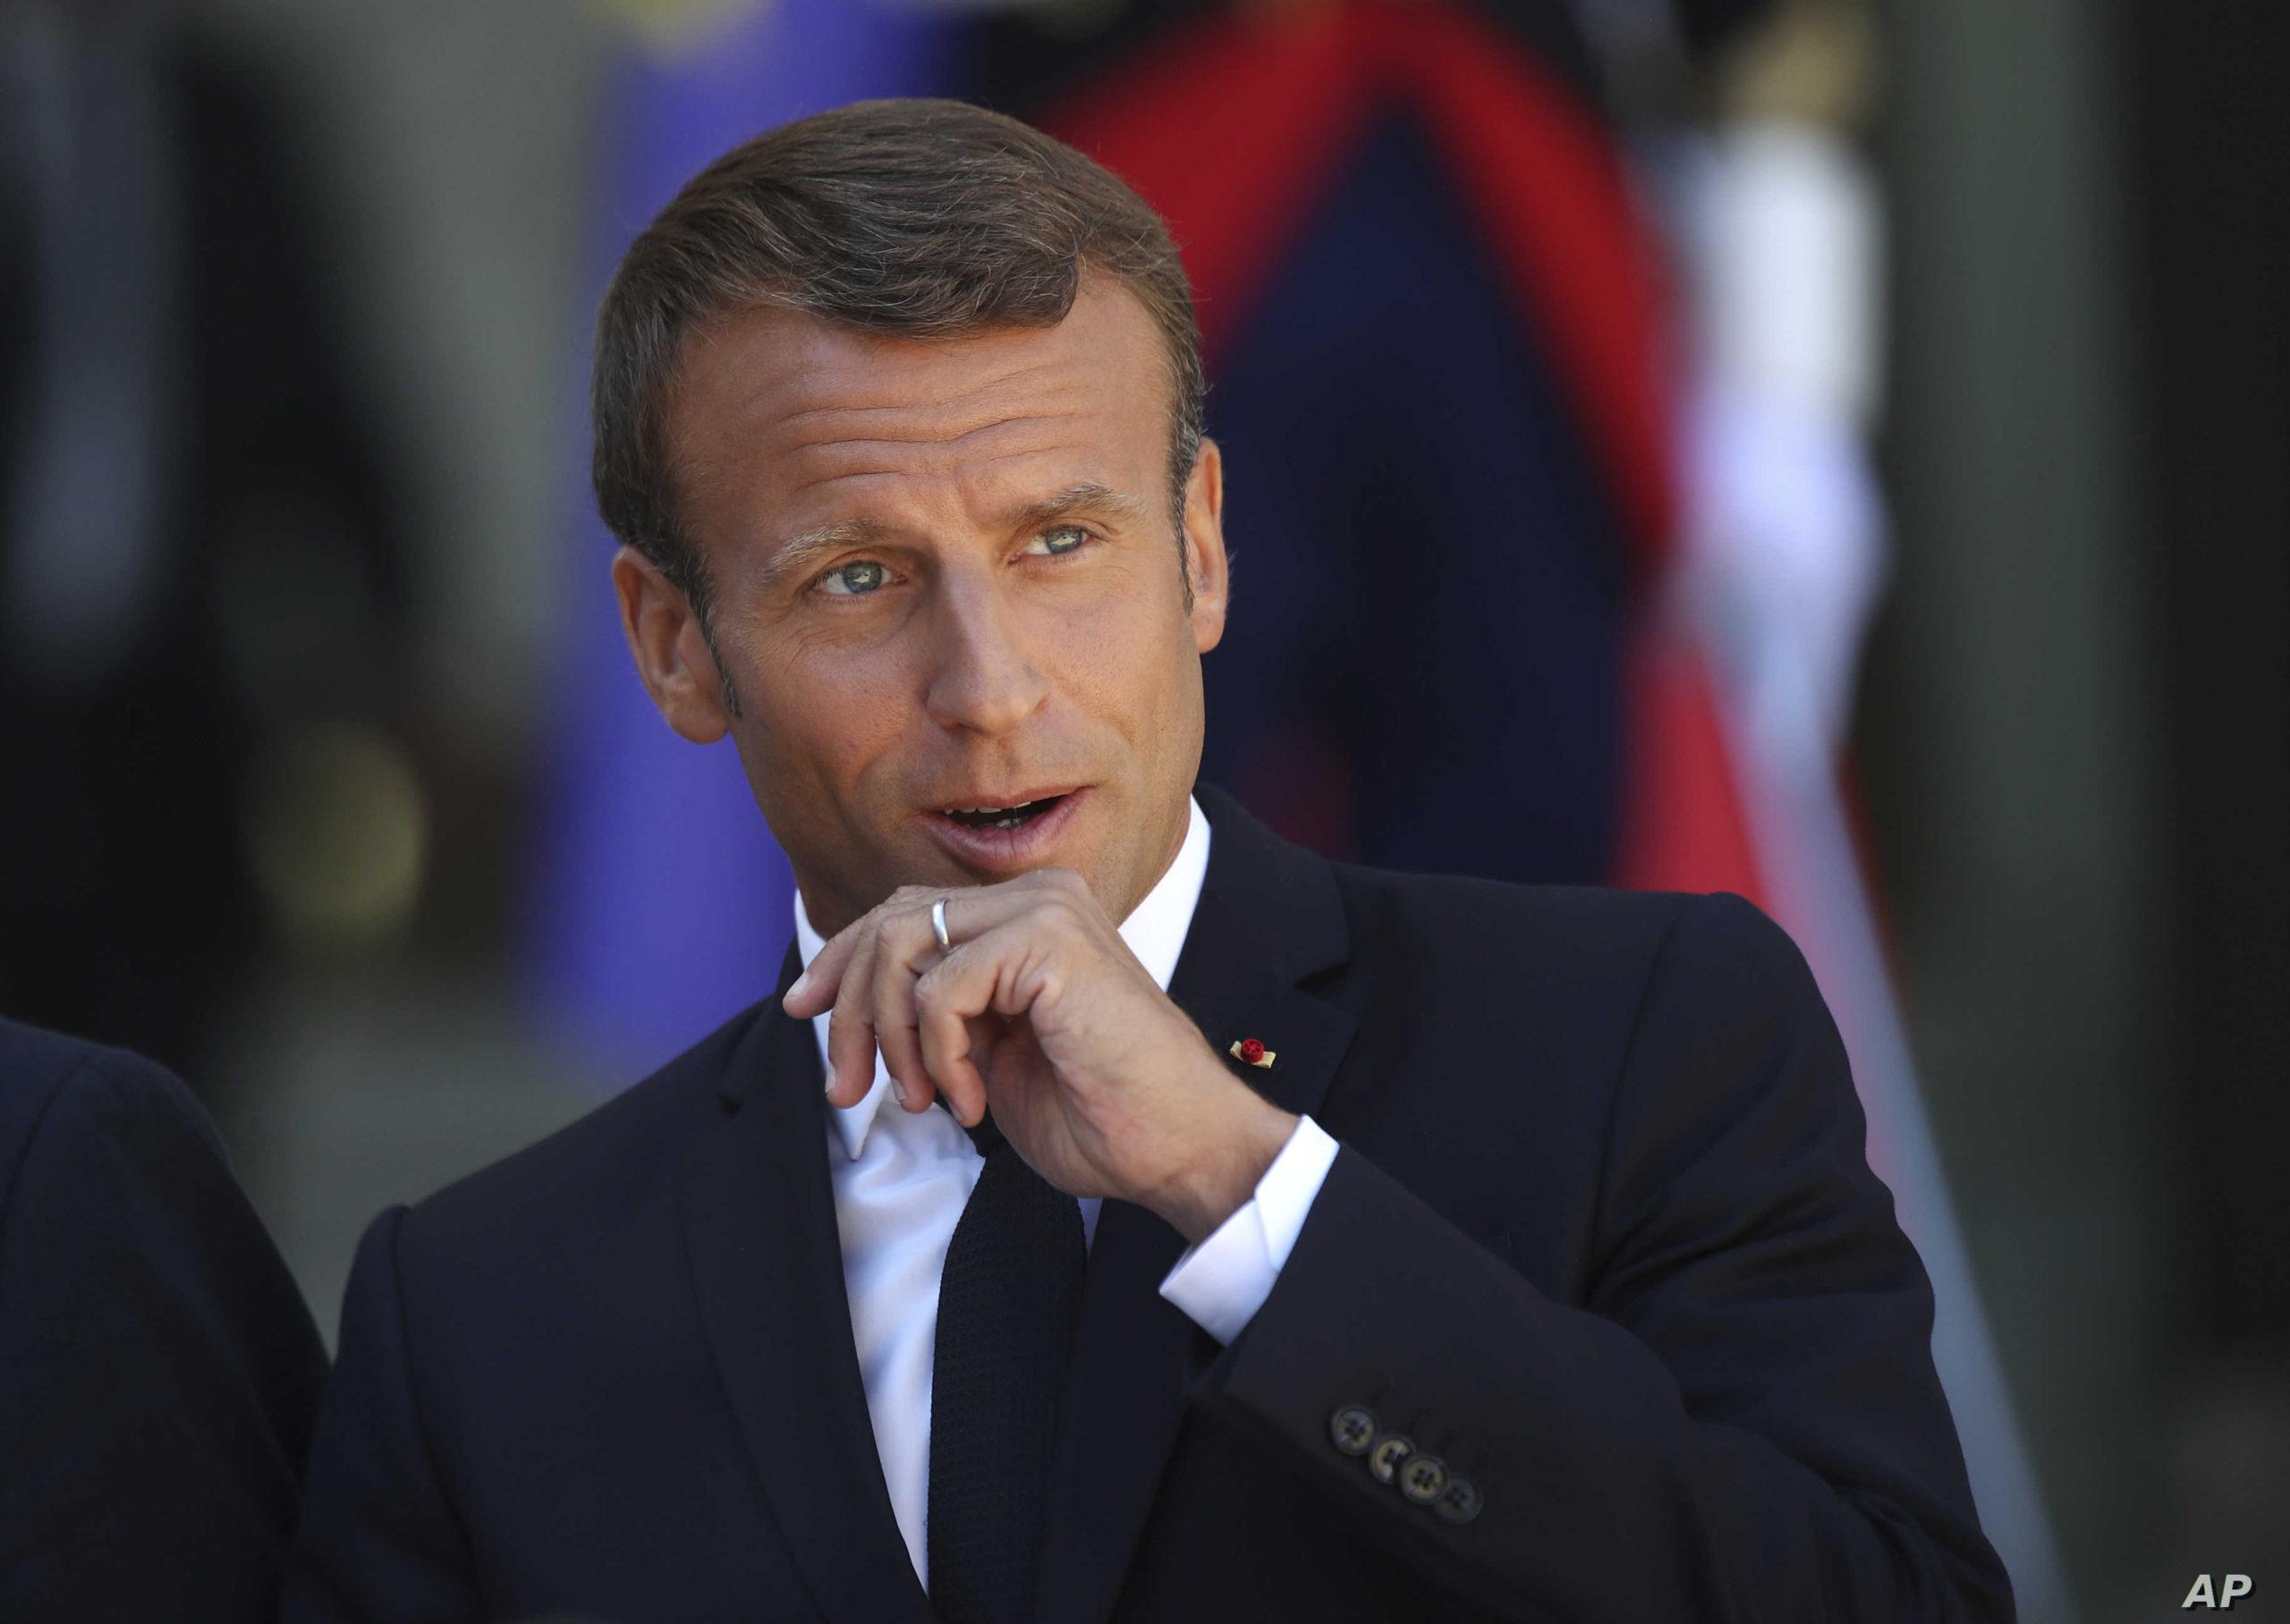 A franciaországi iszlám reformja: Napóleontól kölcsönözhet Macron?